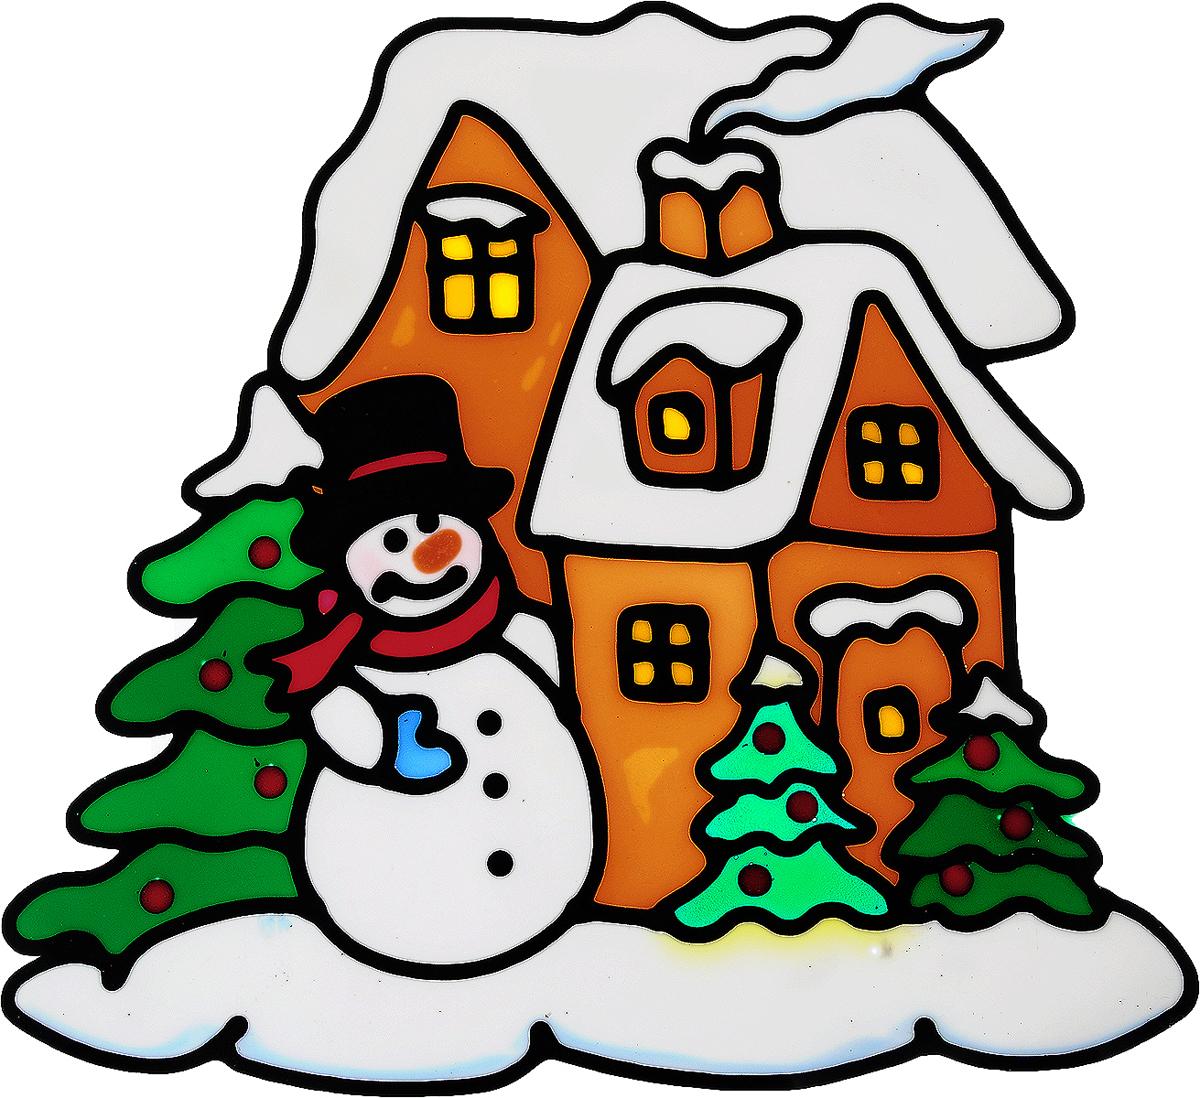 Украшение новогоднее оконное Winter Wings Снеговик у домика, 22 х 21 смC0042416Новогоднее оконное украшение Winter Wings Снеговик у домика поможет украсить дом к предстоящим праздникам. Наклейка изготовлена из ПВХ.С помощью этих украшений вы сможете оживить интерьер по своему вкусу, наклеить их на окно, на зеркало или на дверь.Новогодние украшения всегда несут в себе волшебство и красоту праздника. Создайте в своем доме атмосферу тепла, веселья и радости, украшая его всей семьей. Размер наклейки: 22 х 21 см.